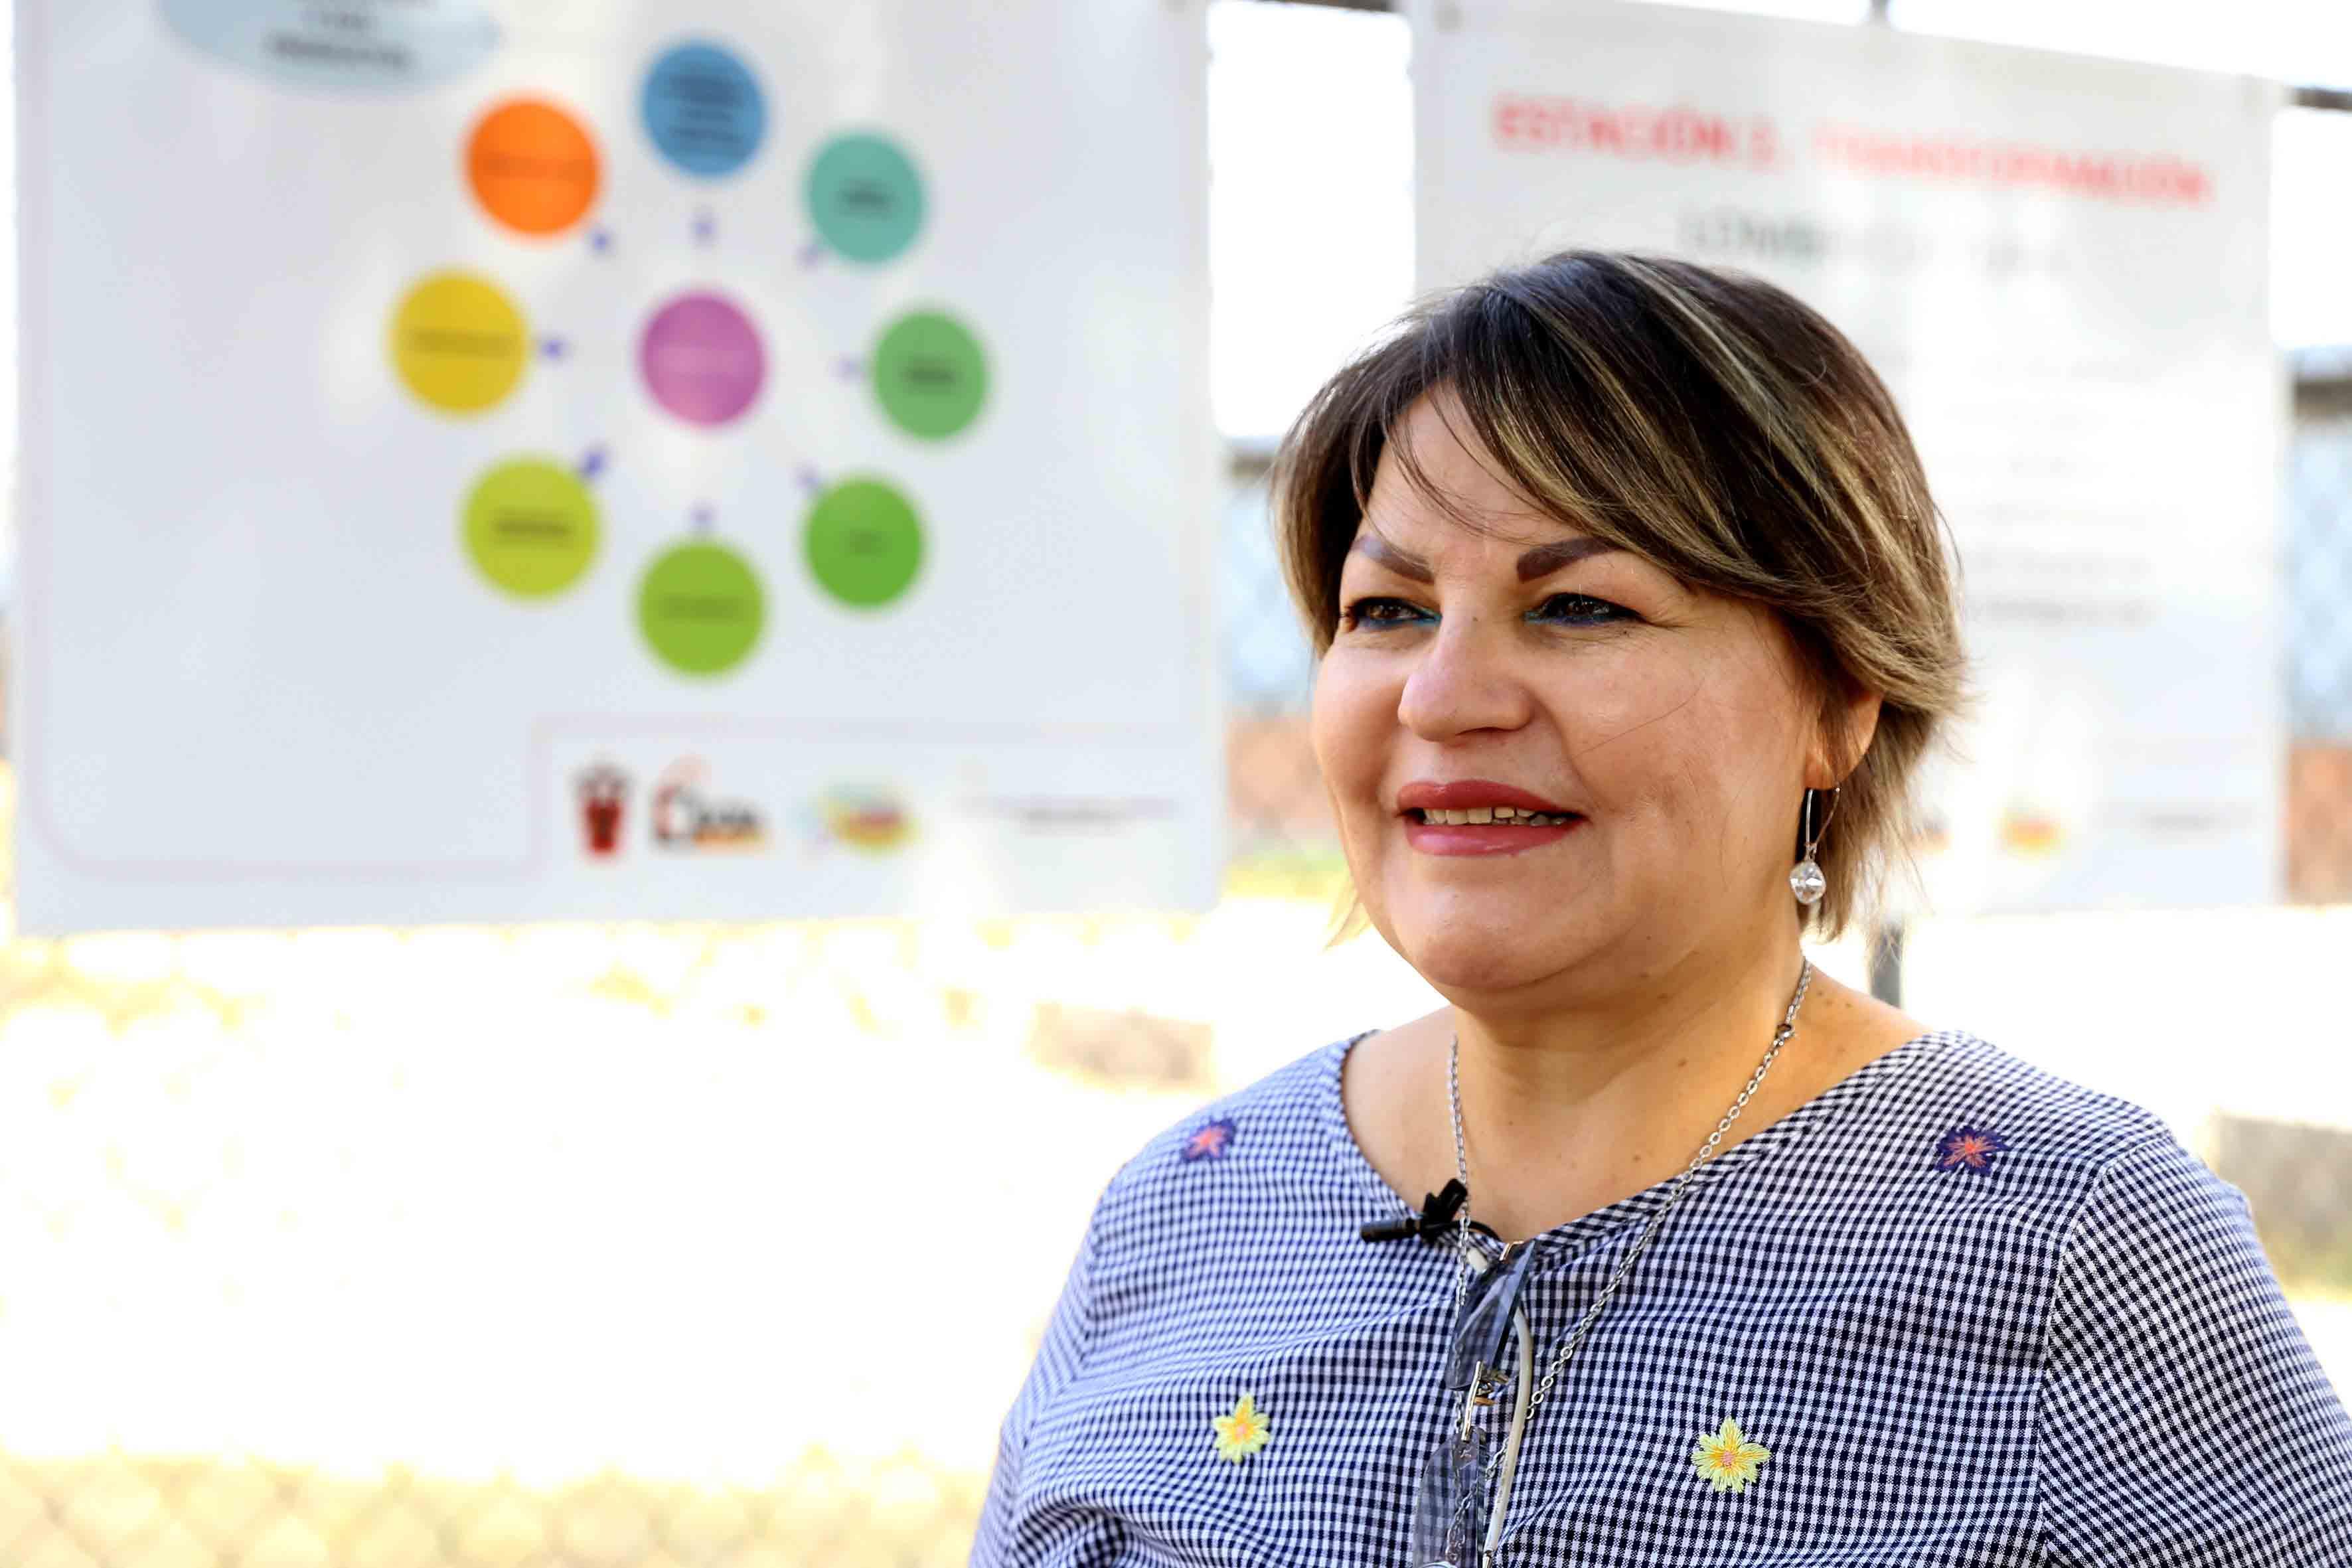 Profesora investigadora del CUCBA, doctora América Loza Llamas.